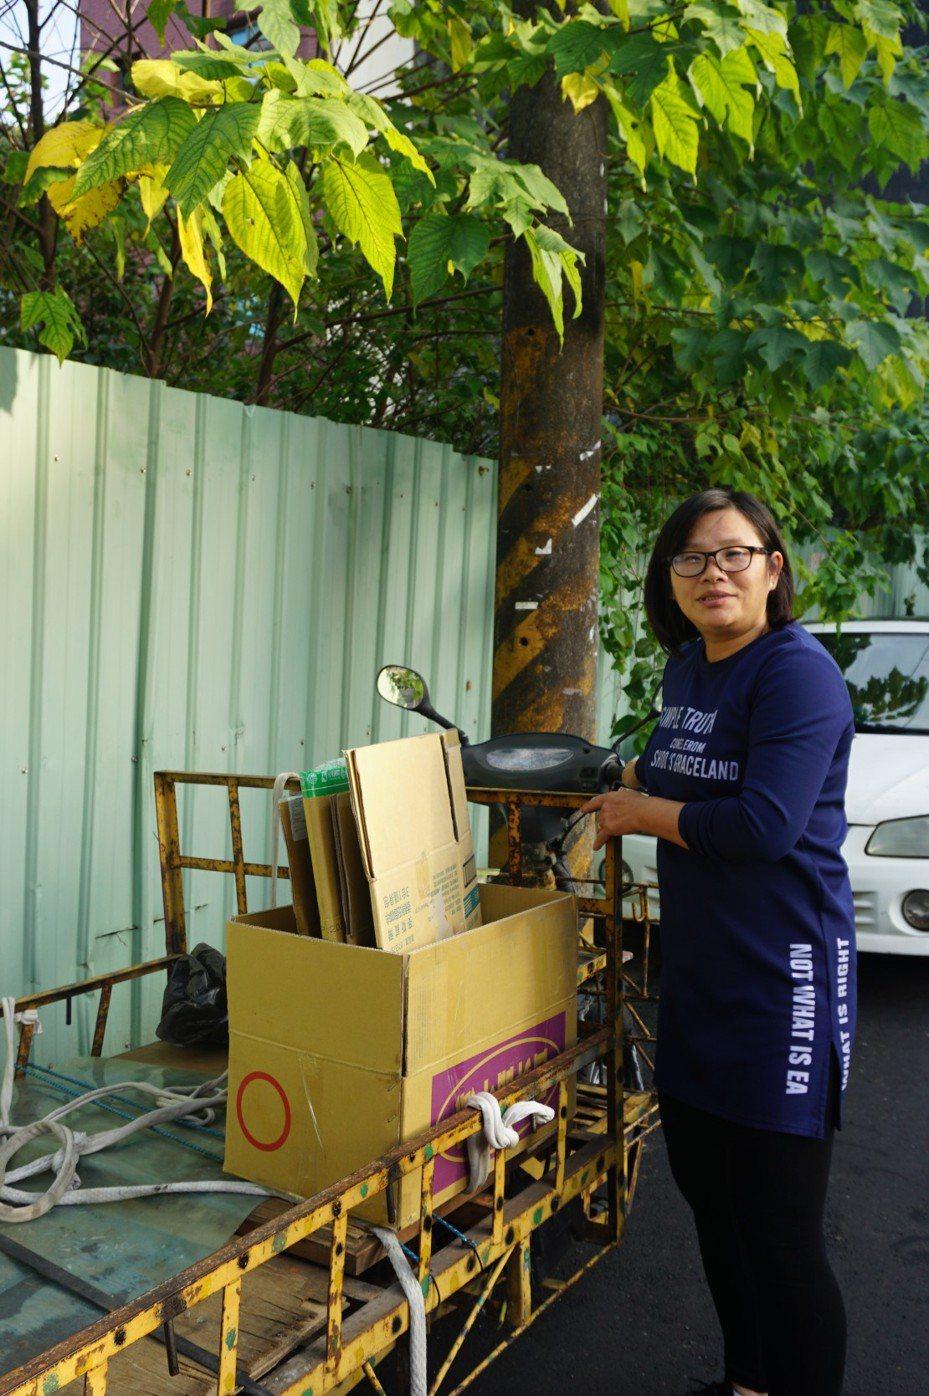 沈嫊芬用三轮车辛苦做资源回收养家。图/桃园家扶中心提供